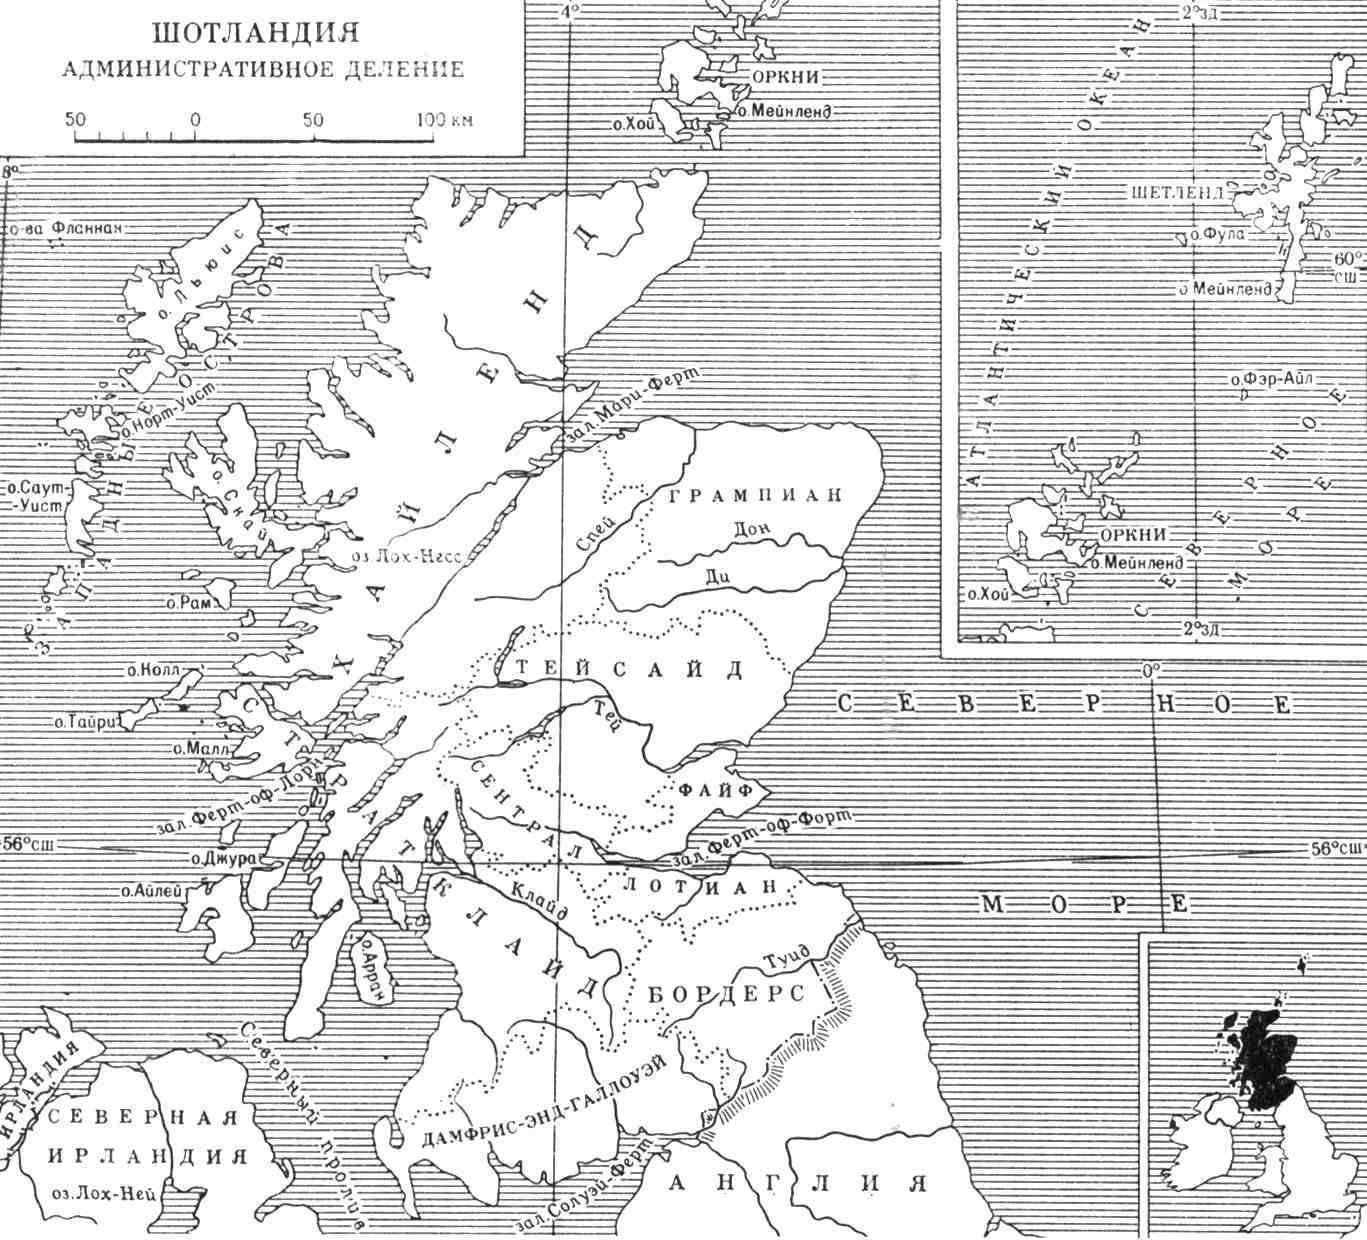 Шотландия.  Административное деление.